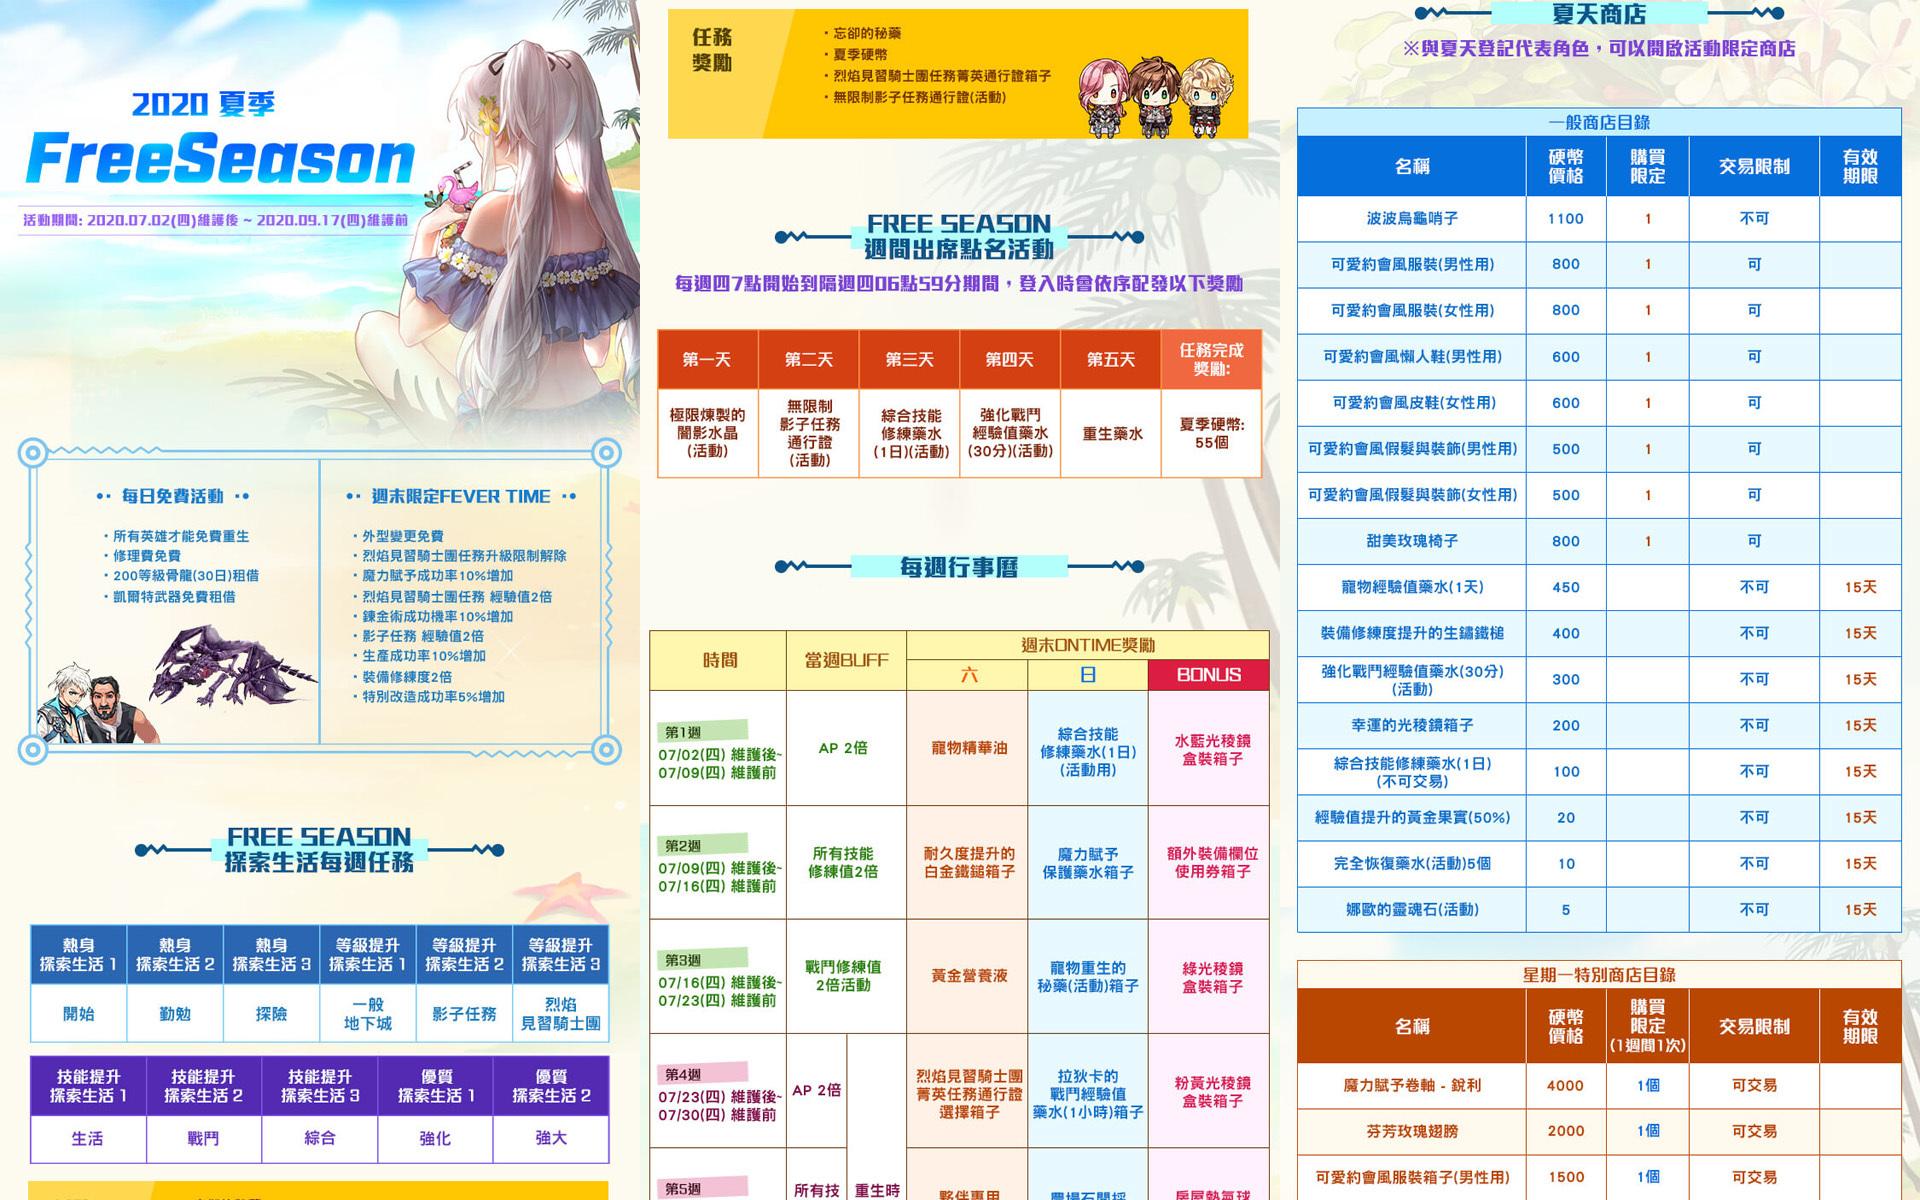 フリーシーズン・台湾